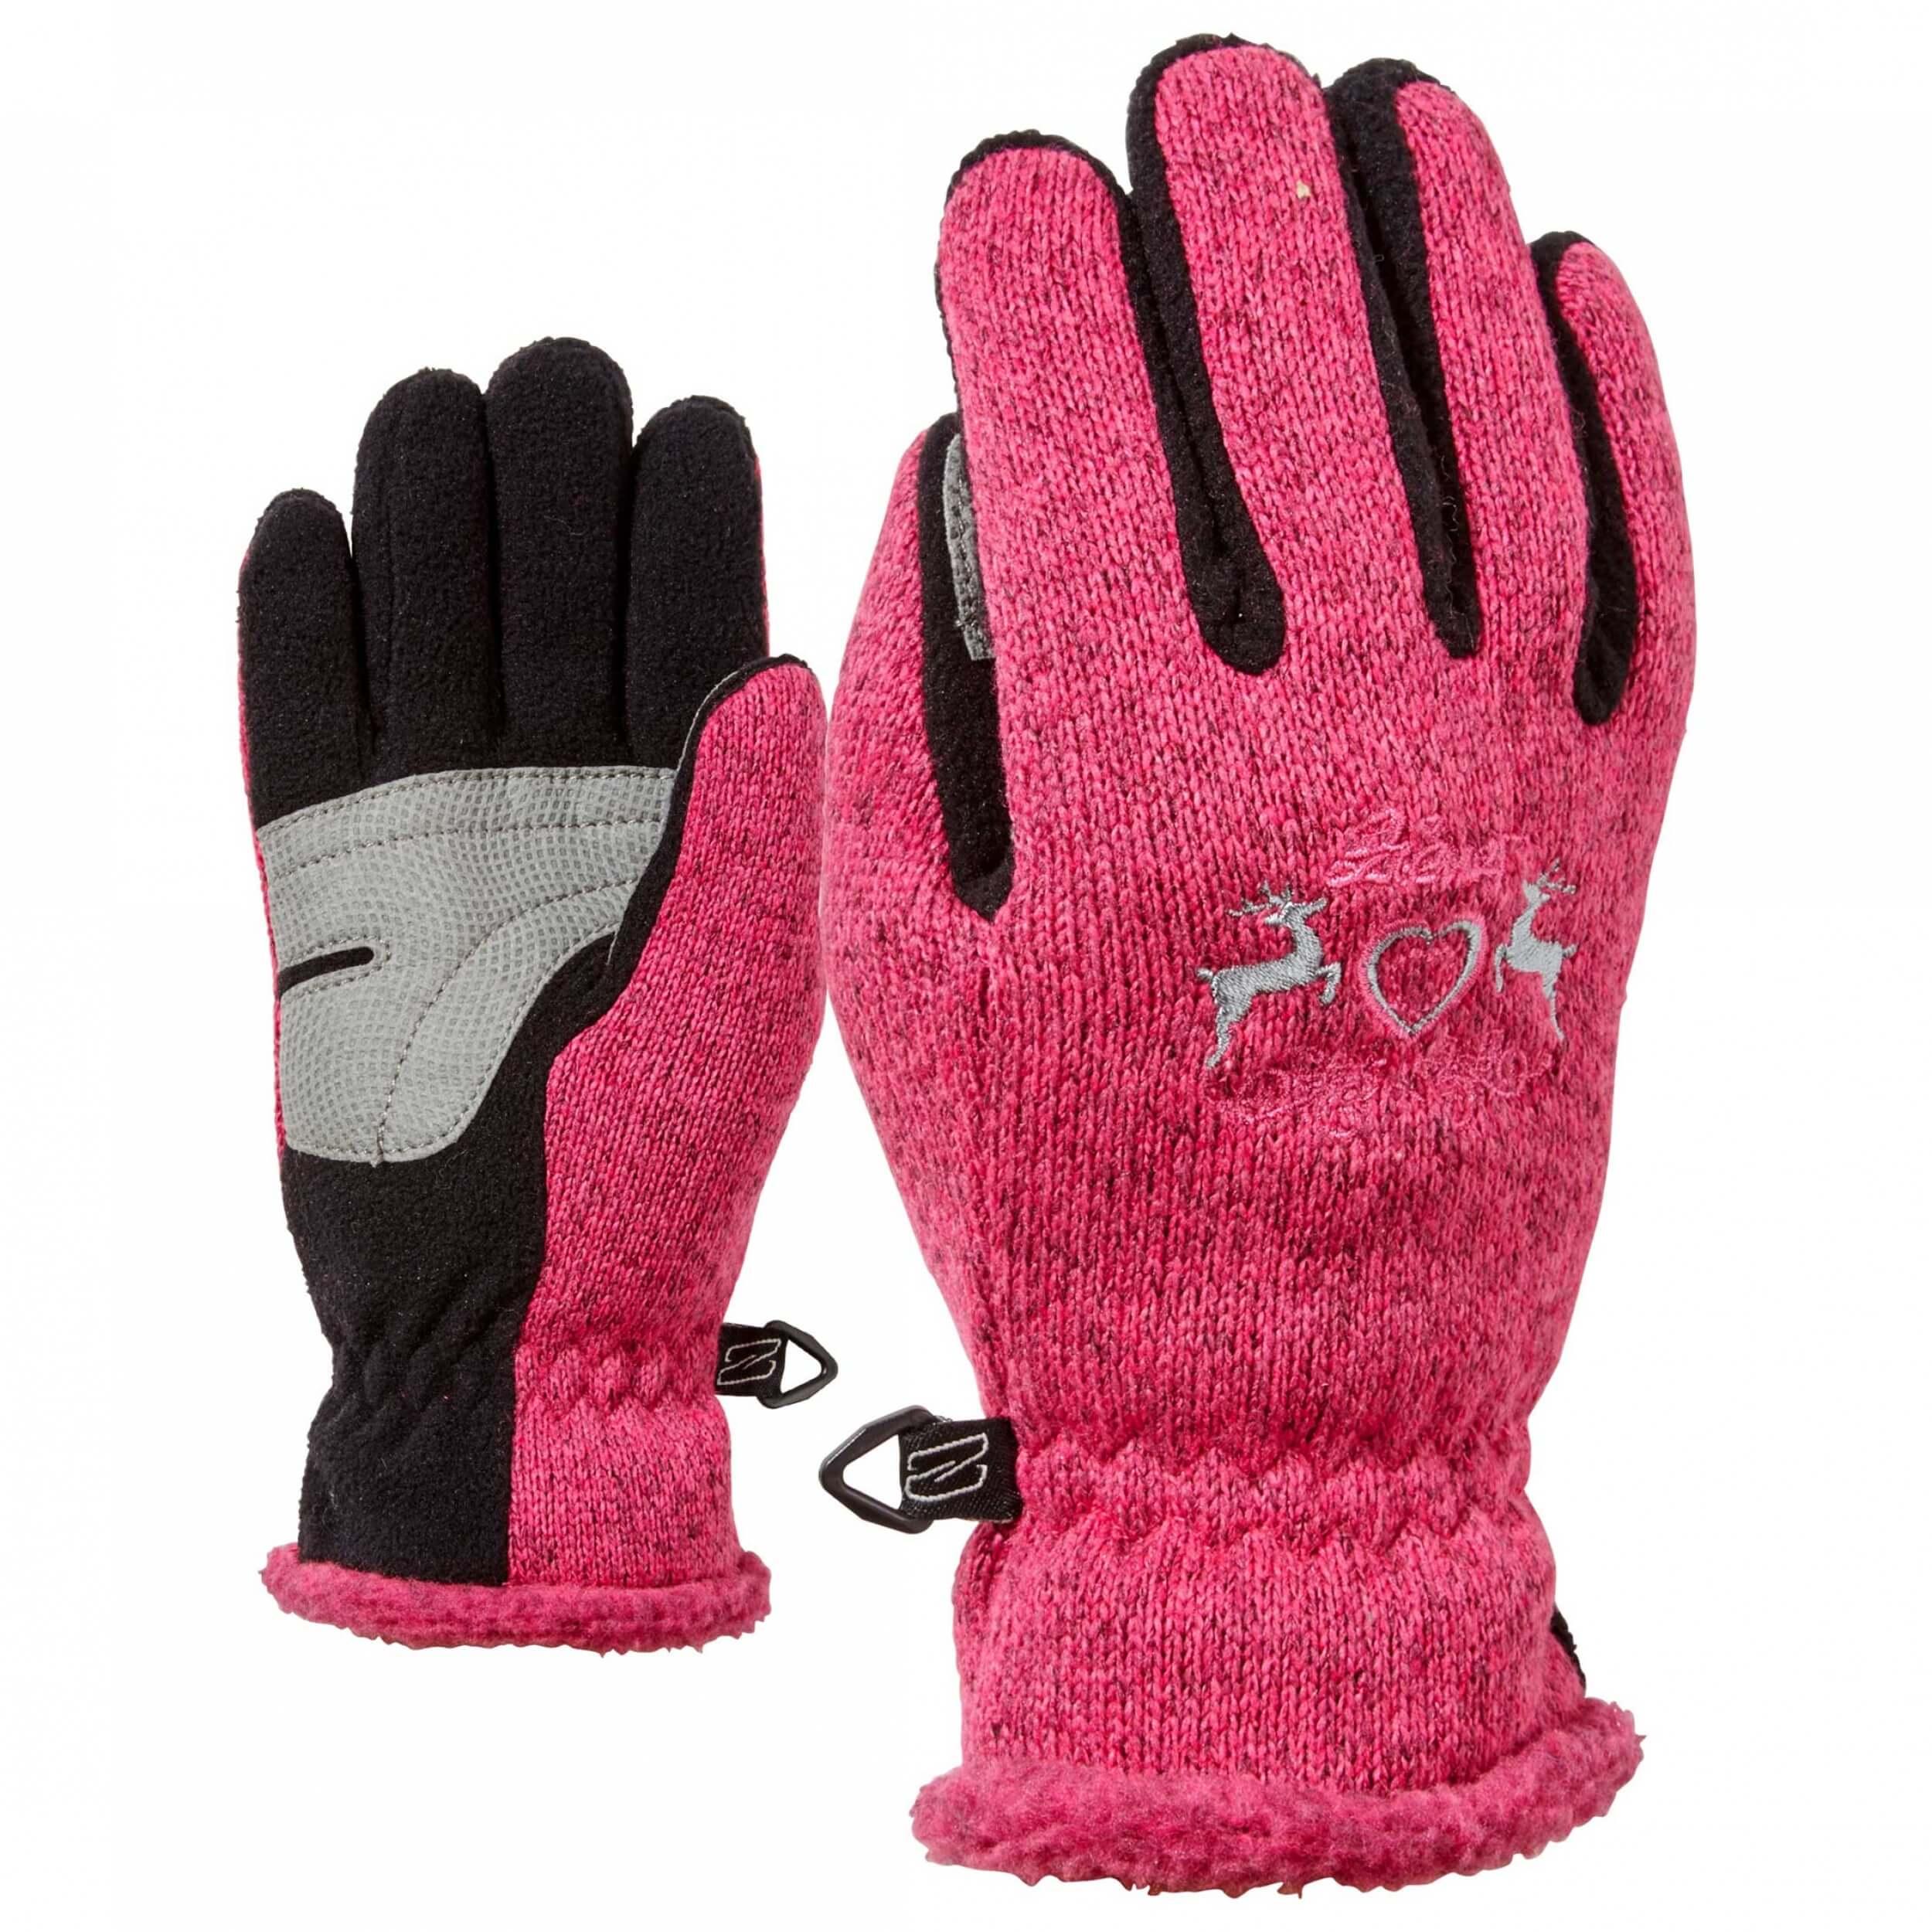 ZIENER Winter Handschuhe Ilmariana pink 766